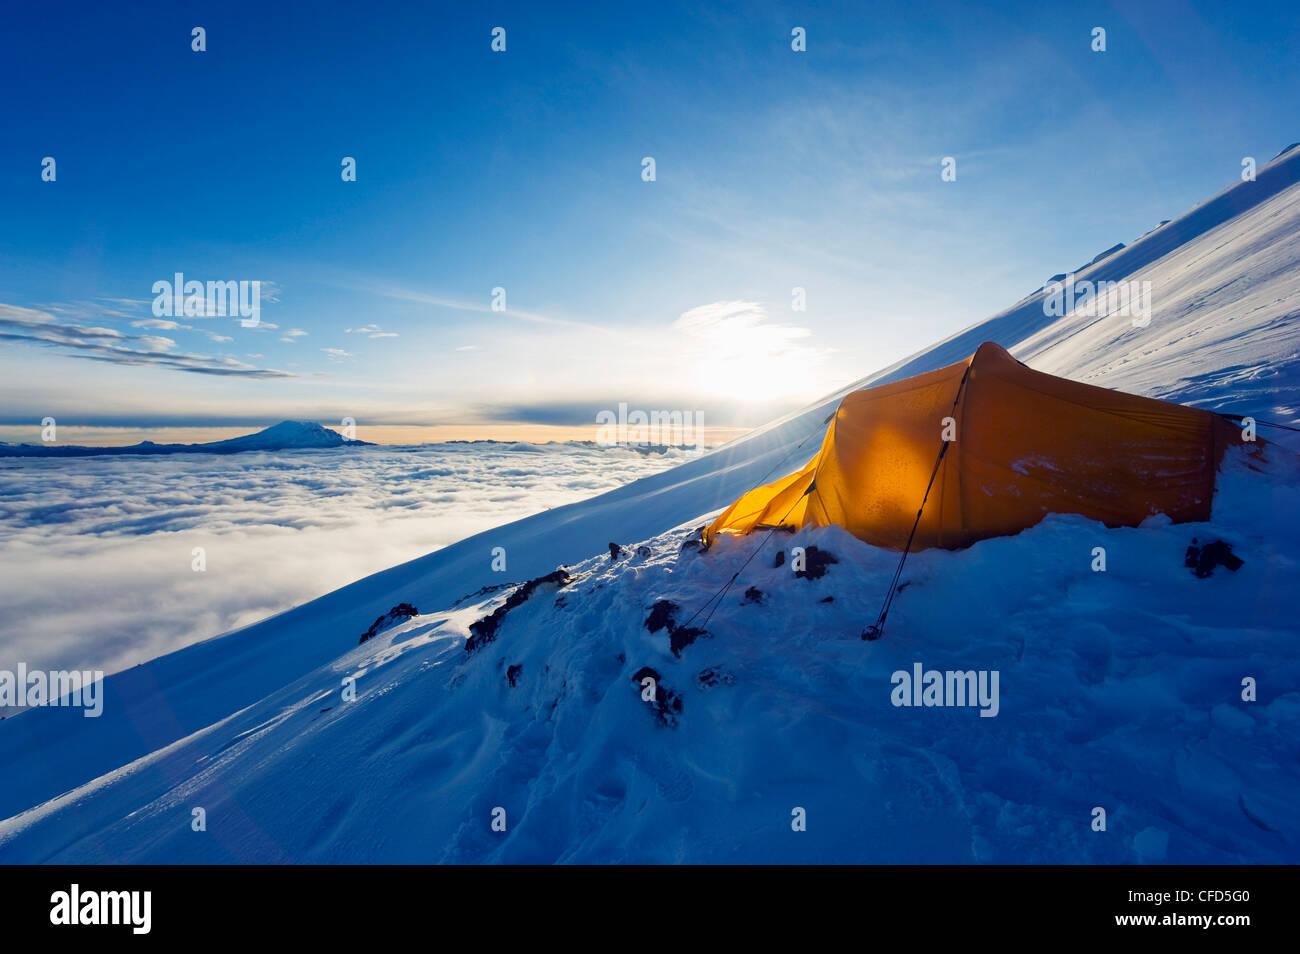 Tente sur le volcan Cotopaxi, 5897m, plus haut volcan actif au monde, l'Equateur, l'Amérique du Sud Photo Stock